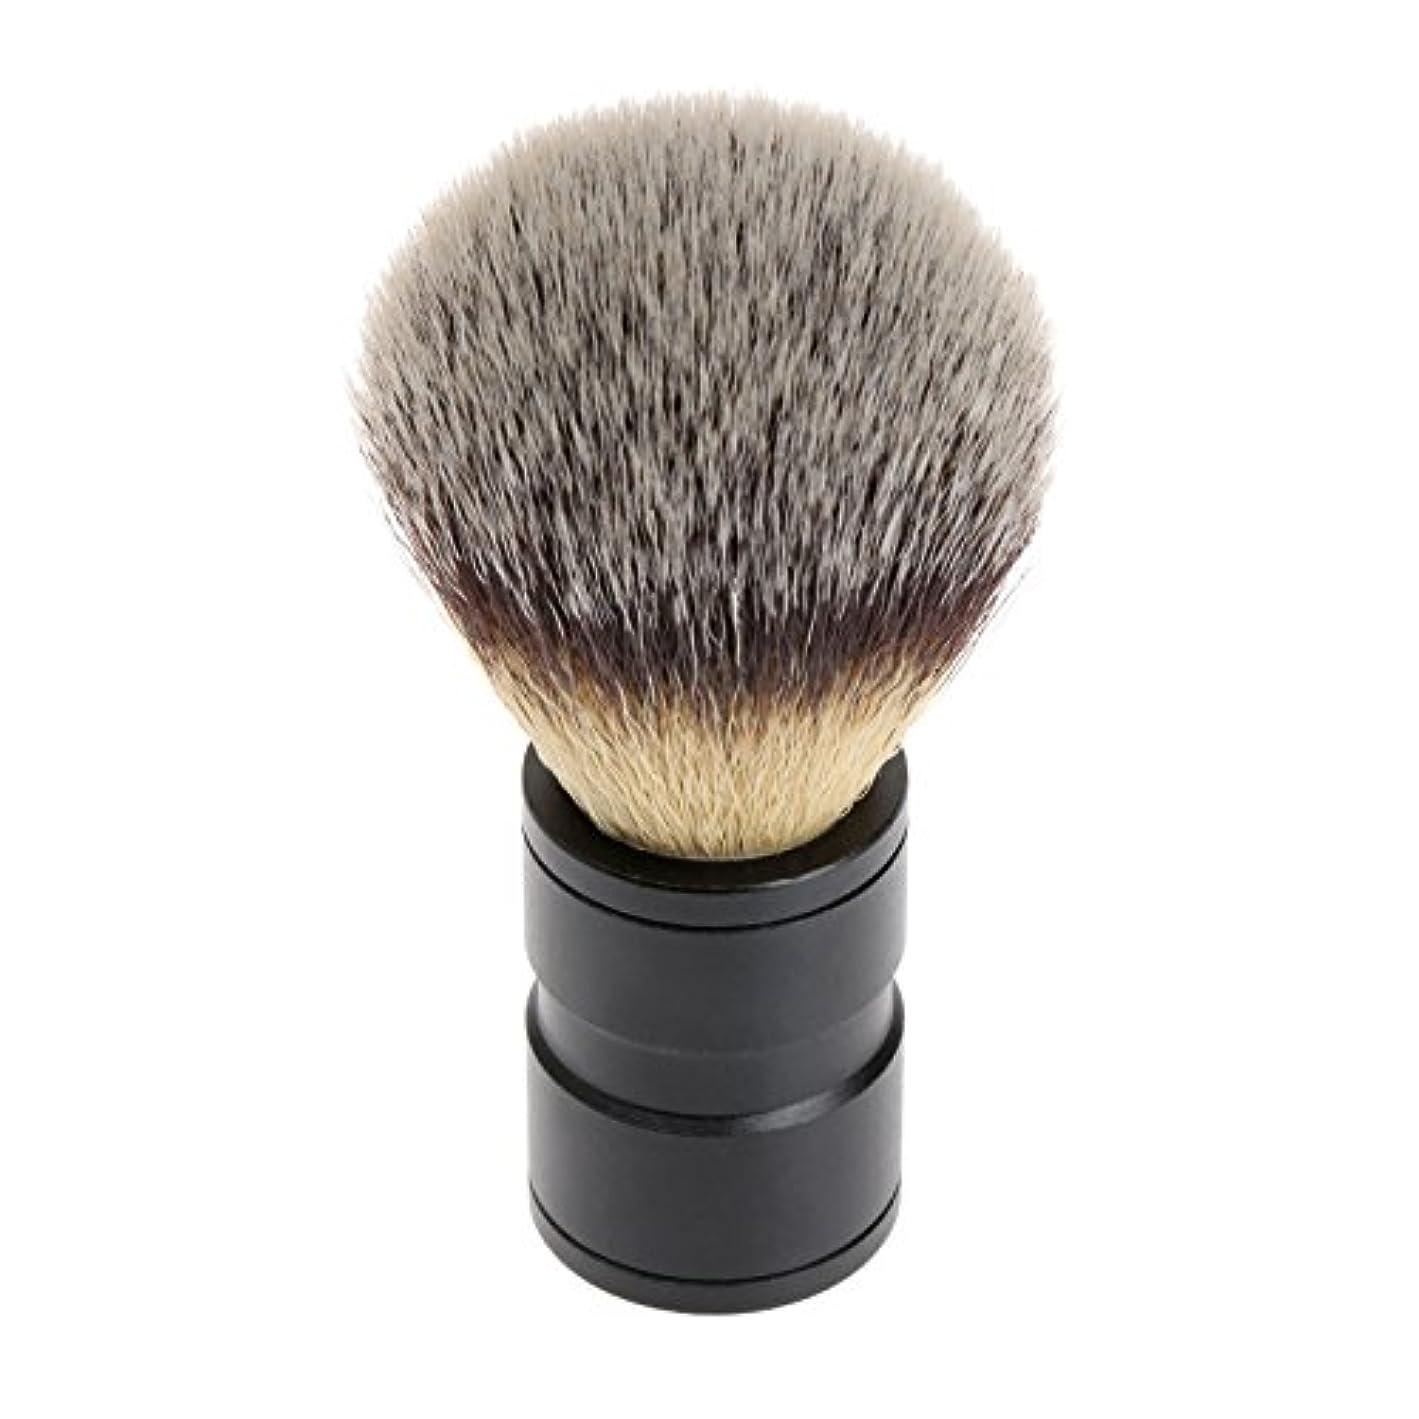 チョークフォアタイプバッテリーシェービング ブラシ 理容 洗顔 髭剃り マッサージ 効果 ナイロン毛 メンズ